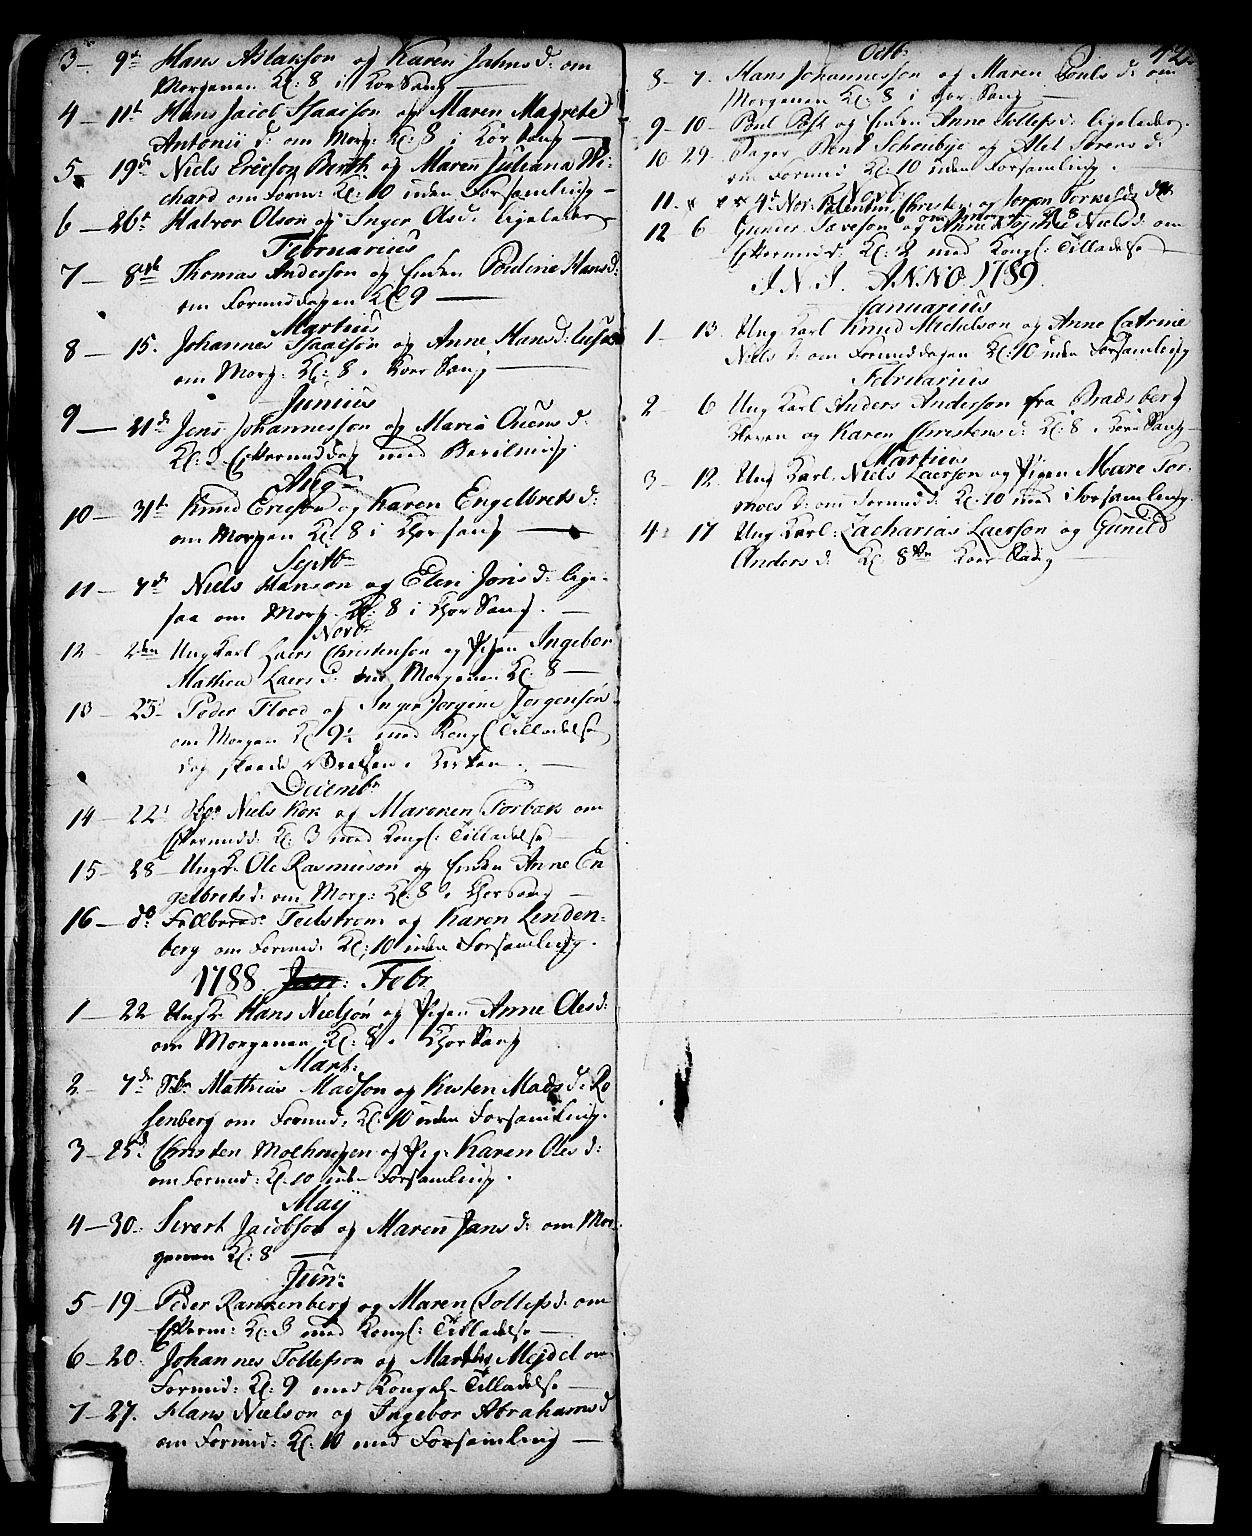 SAKO, Skien kirkebøker, G/Ga/L0001: Klokkerbok nr. 1, 1756-1791, s. 42